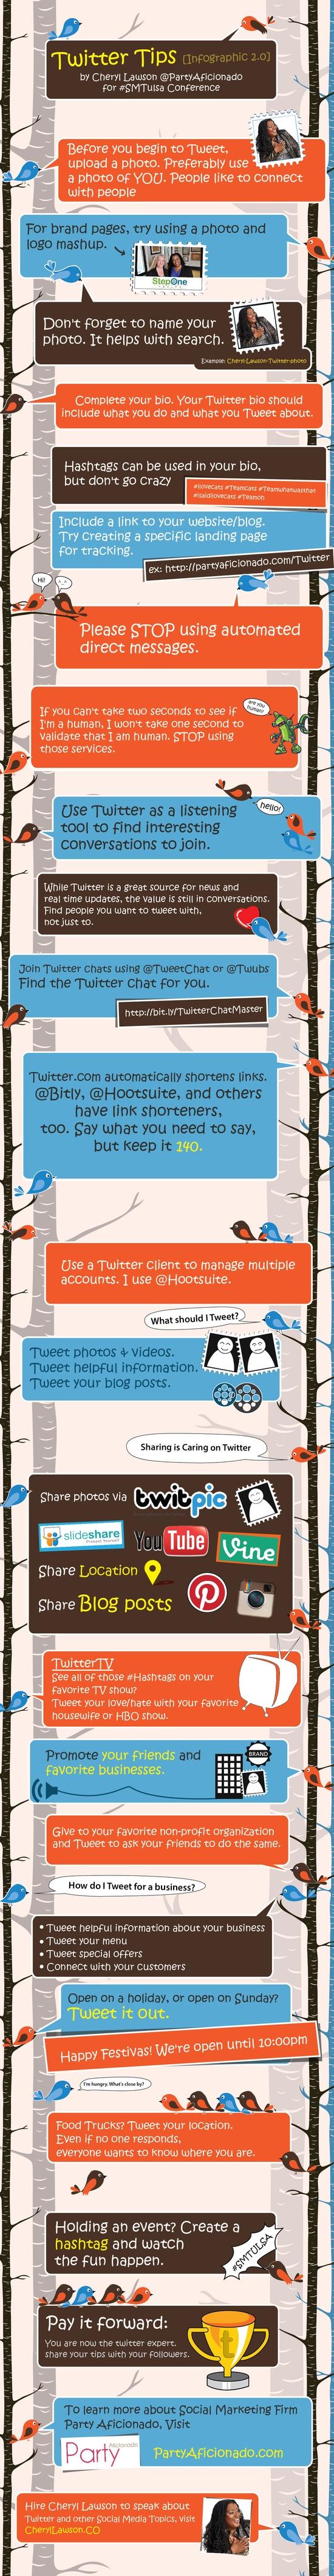 Infográfico de como usar o Twitter